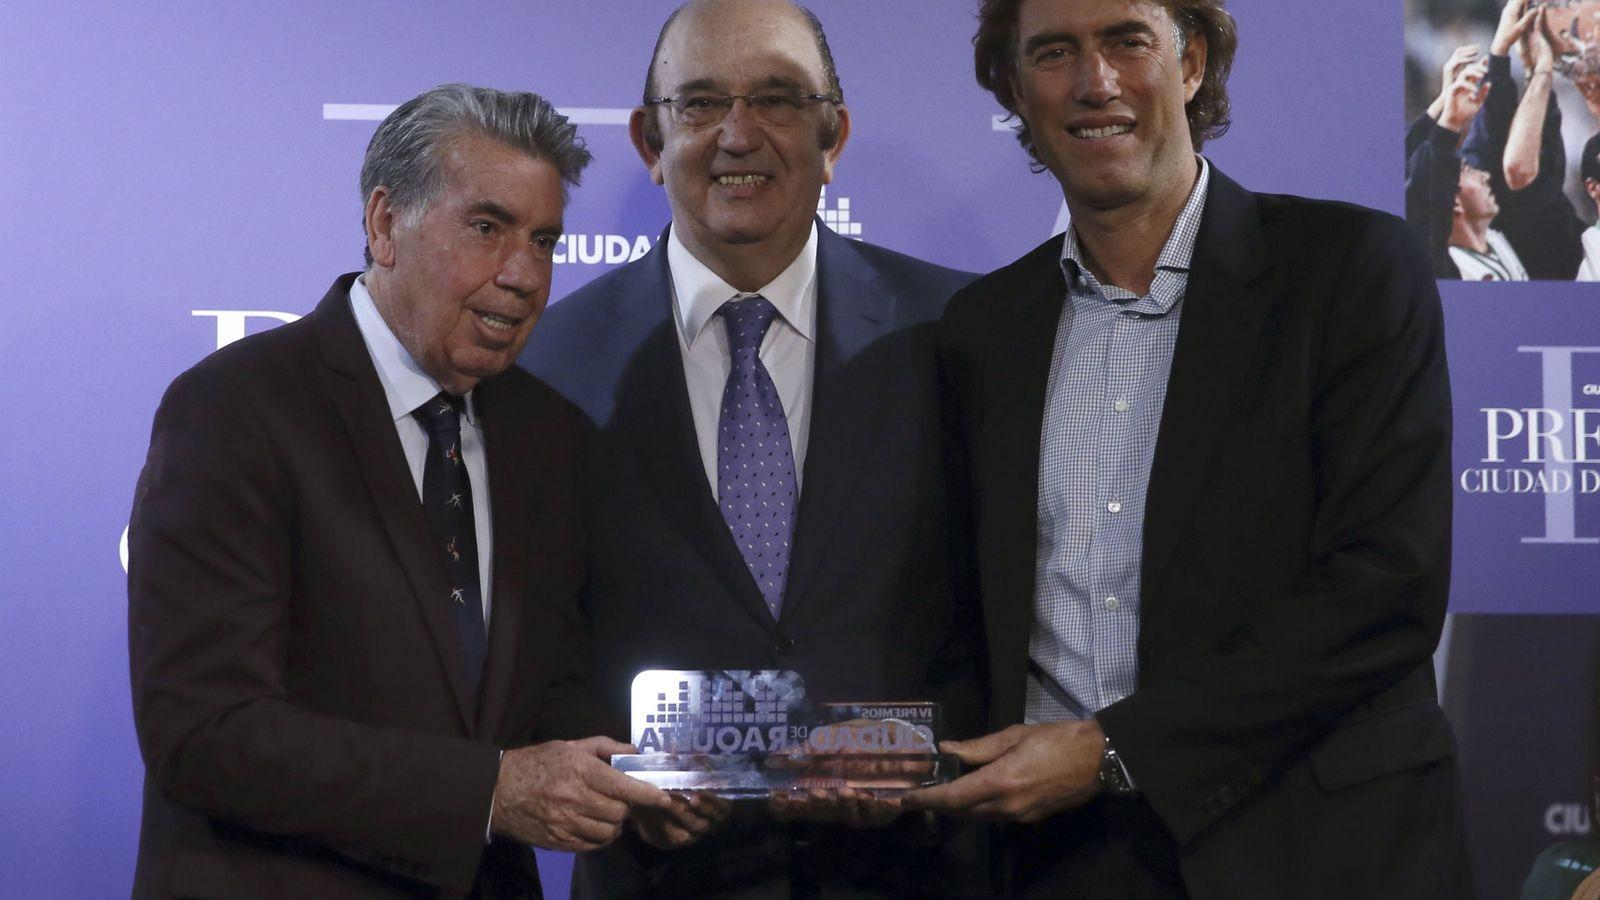 Foto: Miguel Díaz (centro) entregando el premio Ciudad de la Raqueta a Manolo Santana (derecha) y Gerard Tsobanian (izquierda). Foto: Juanjo Martín (EFE)